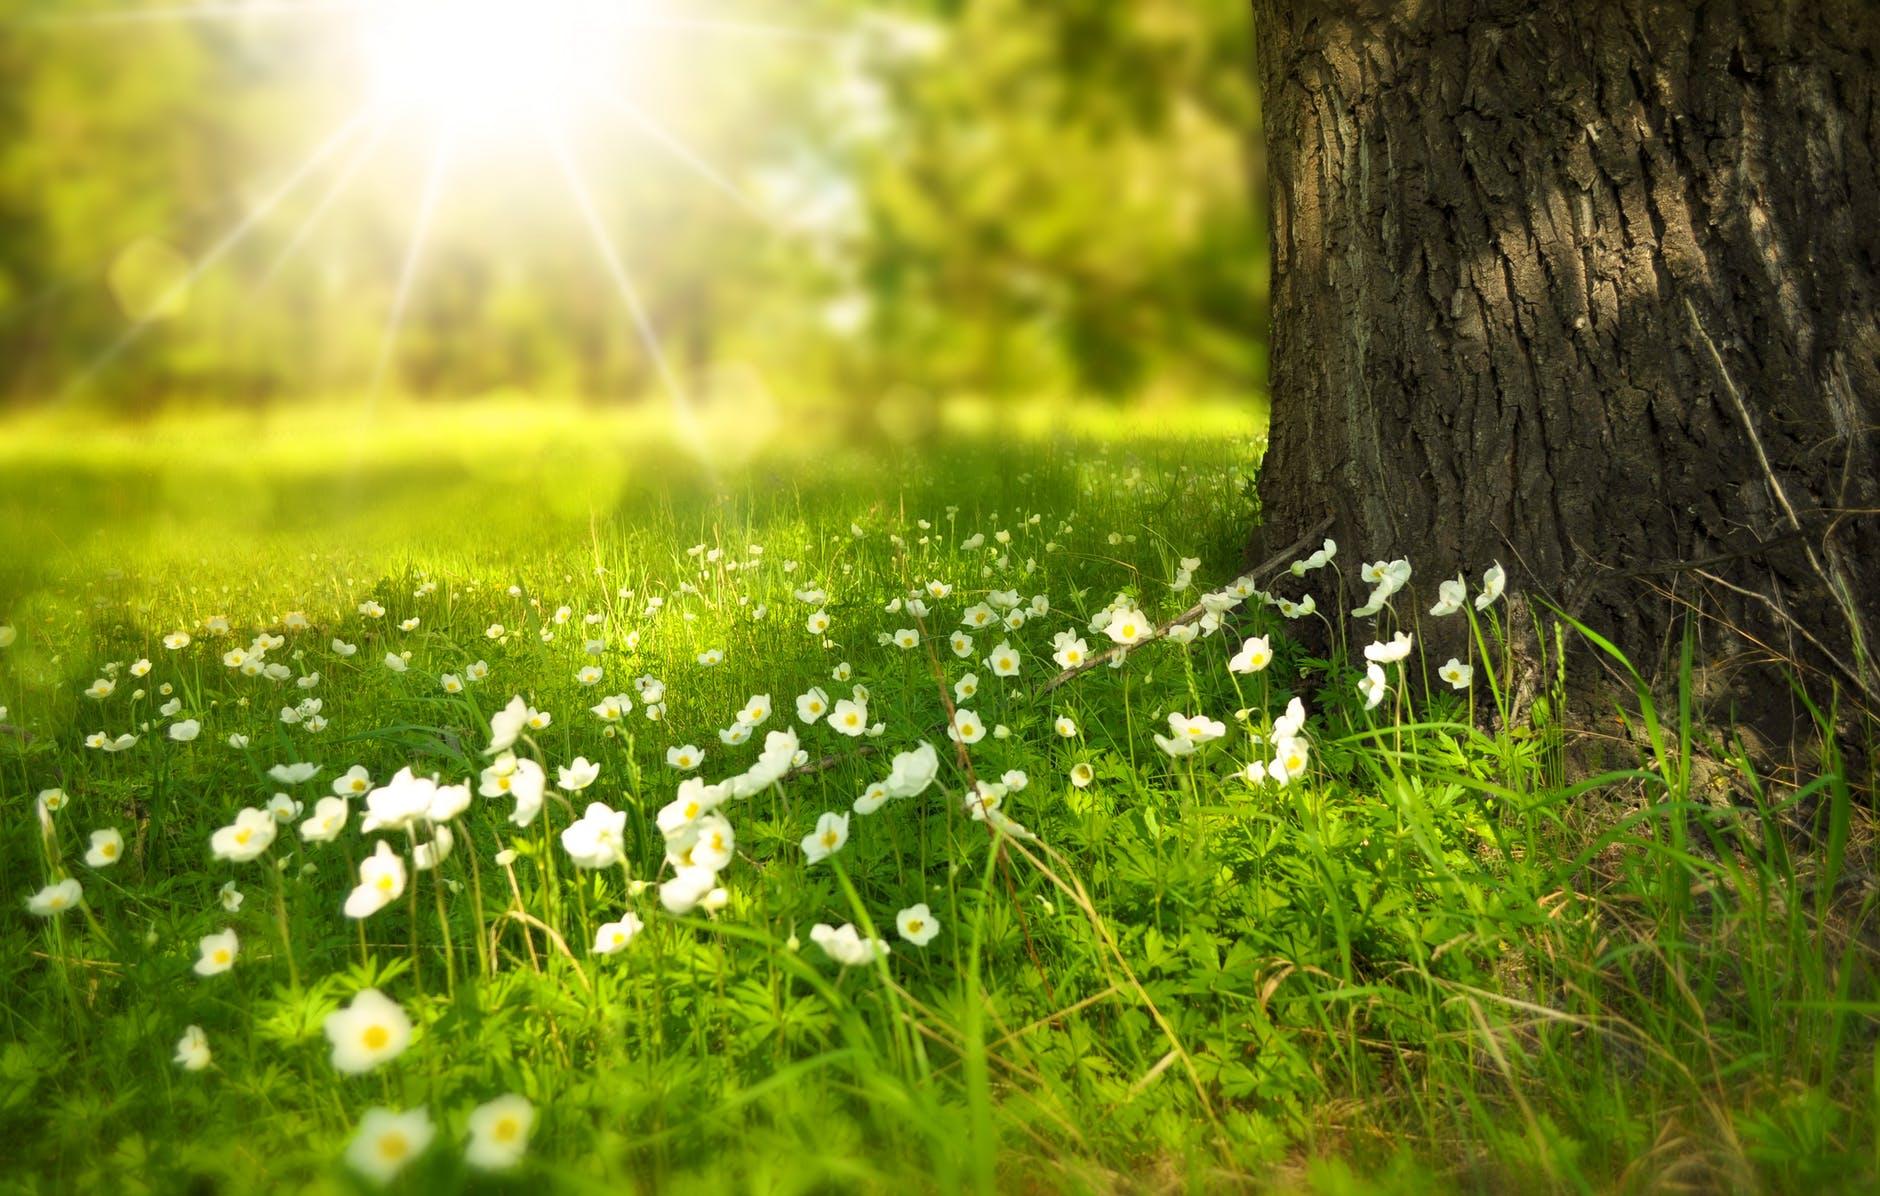 zon in de christelijke liederen